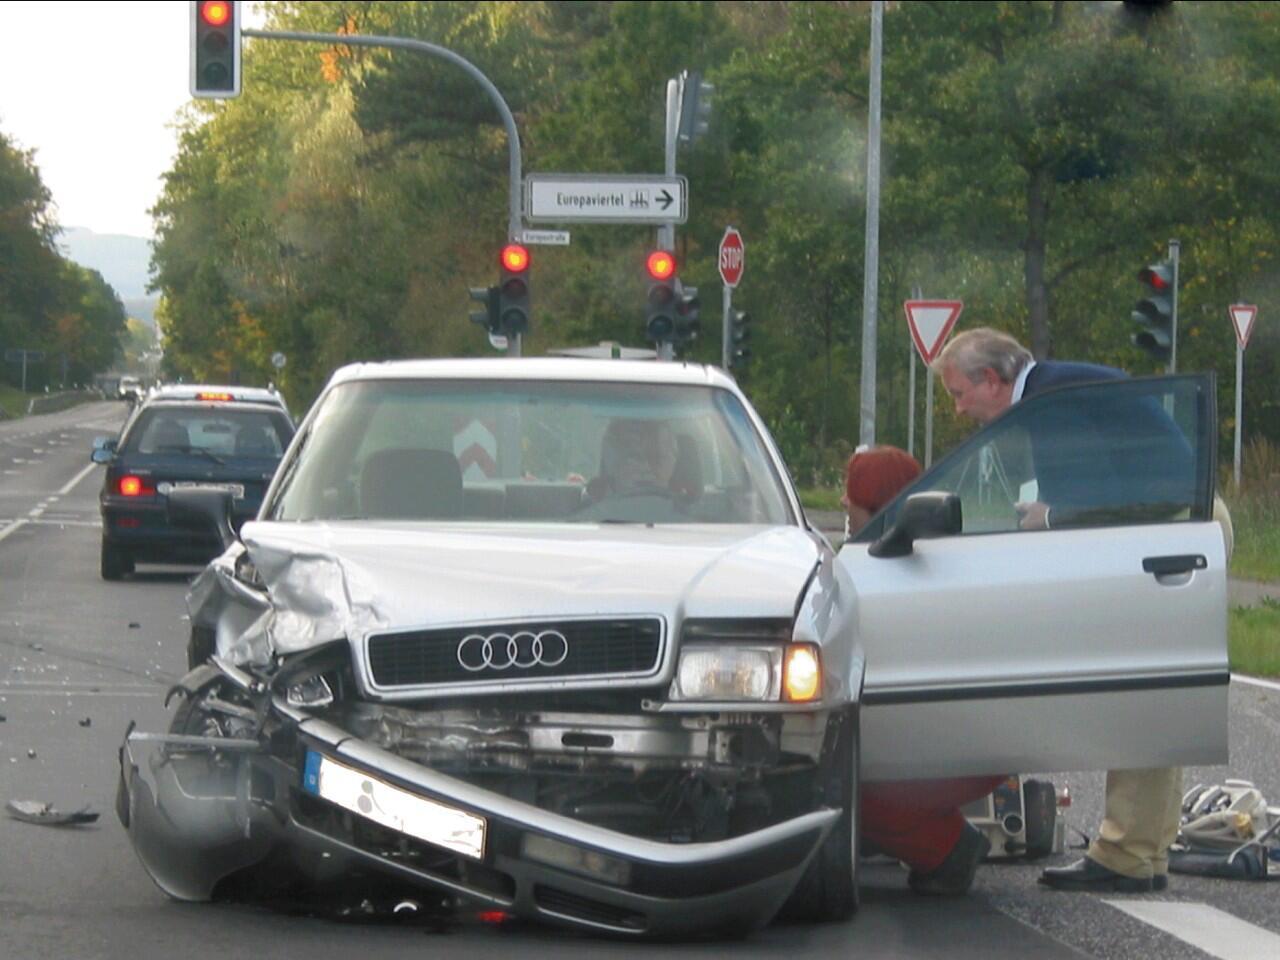 Bild zu Verhalten nach einem Verkehrsunfall: Wichtig ist es, Ruhe zu bewahren